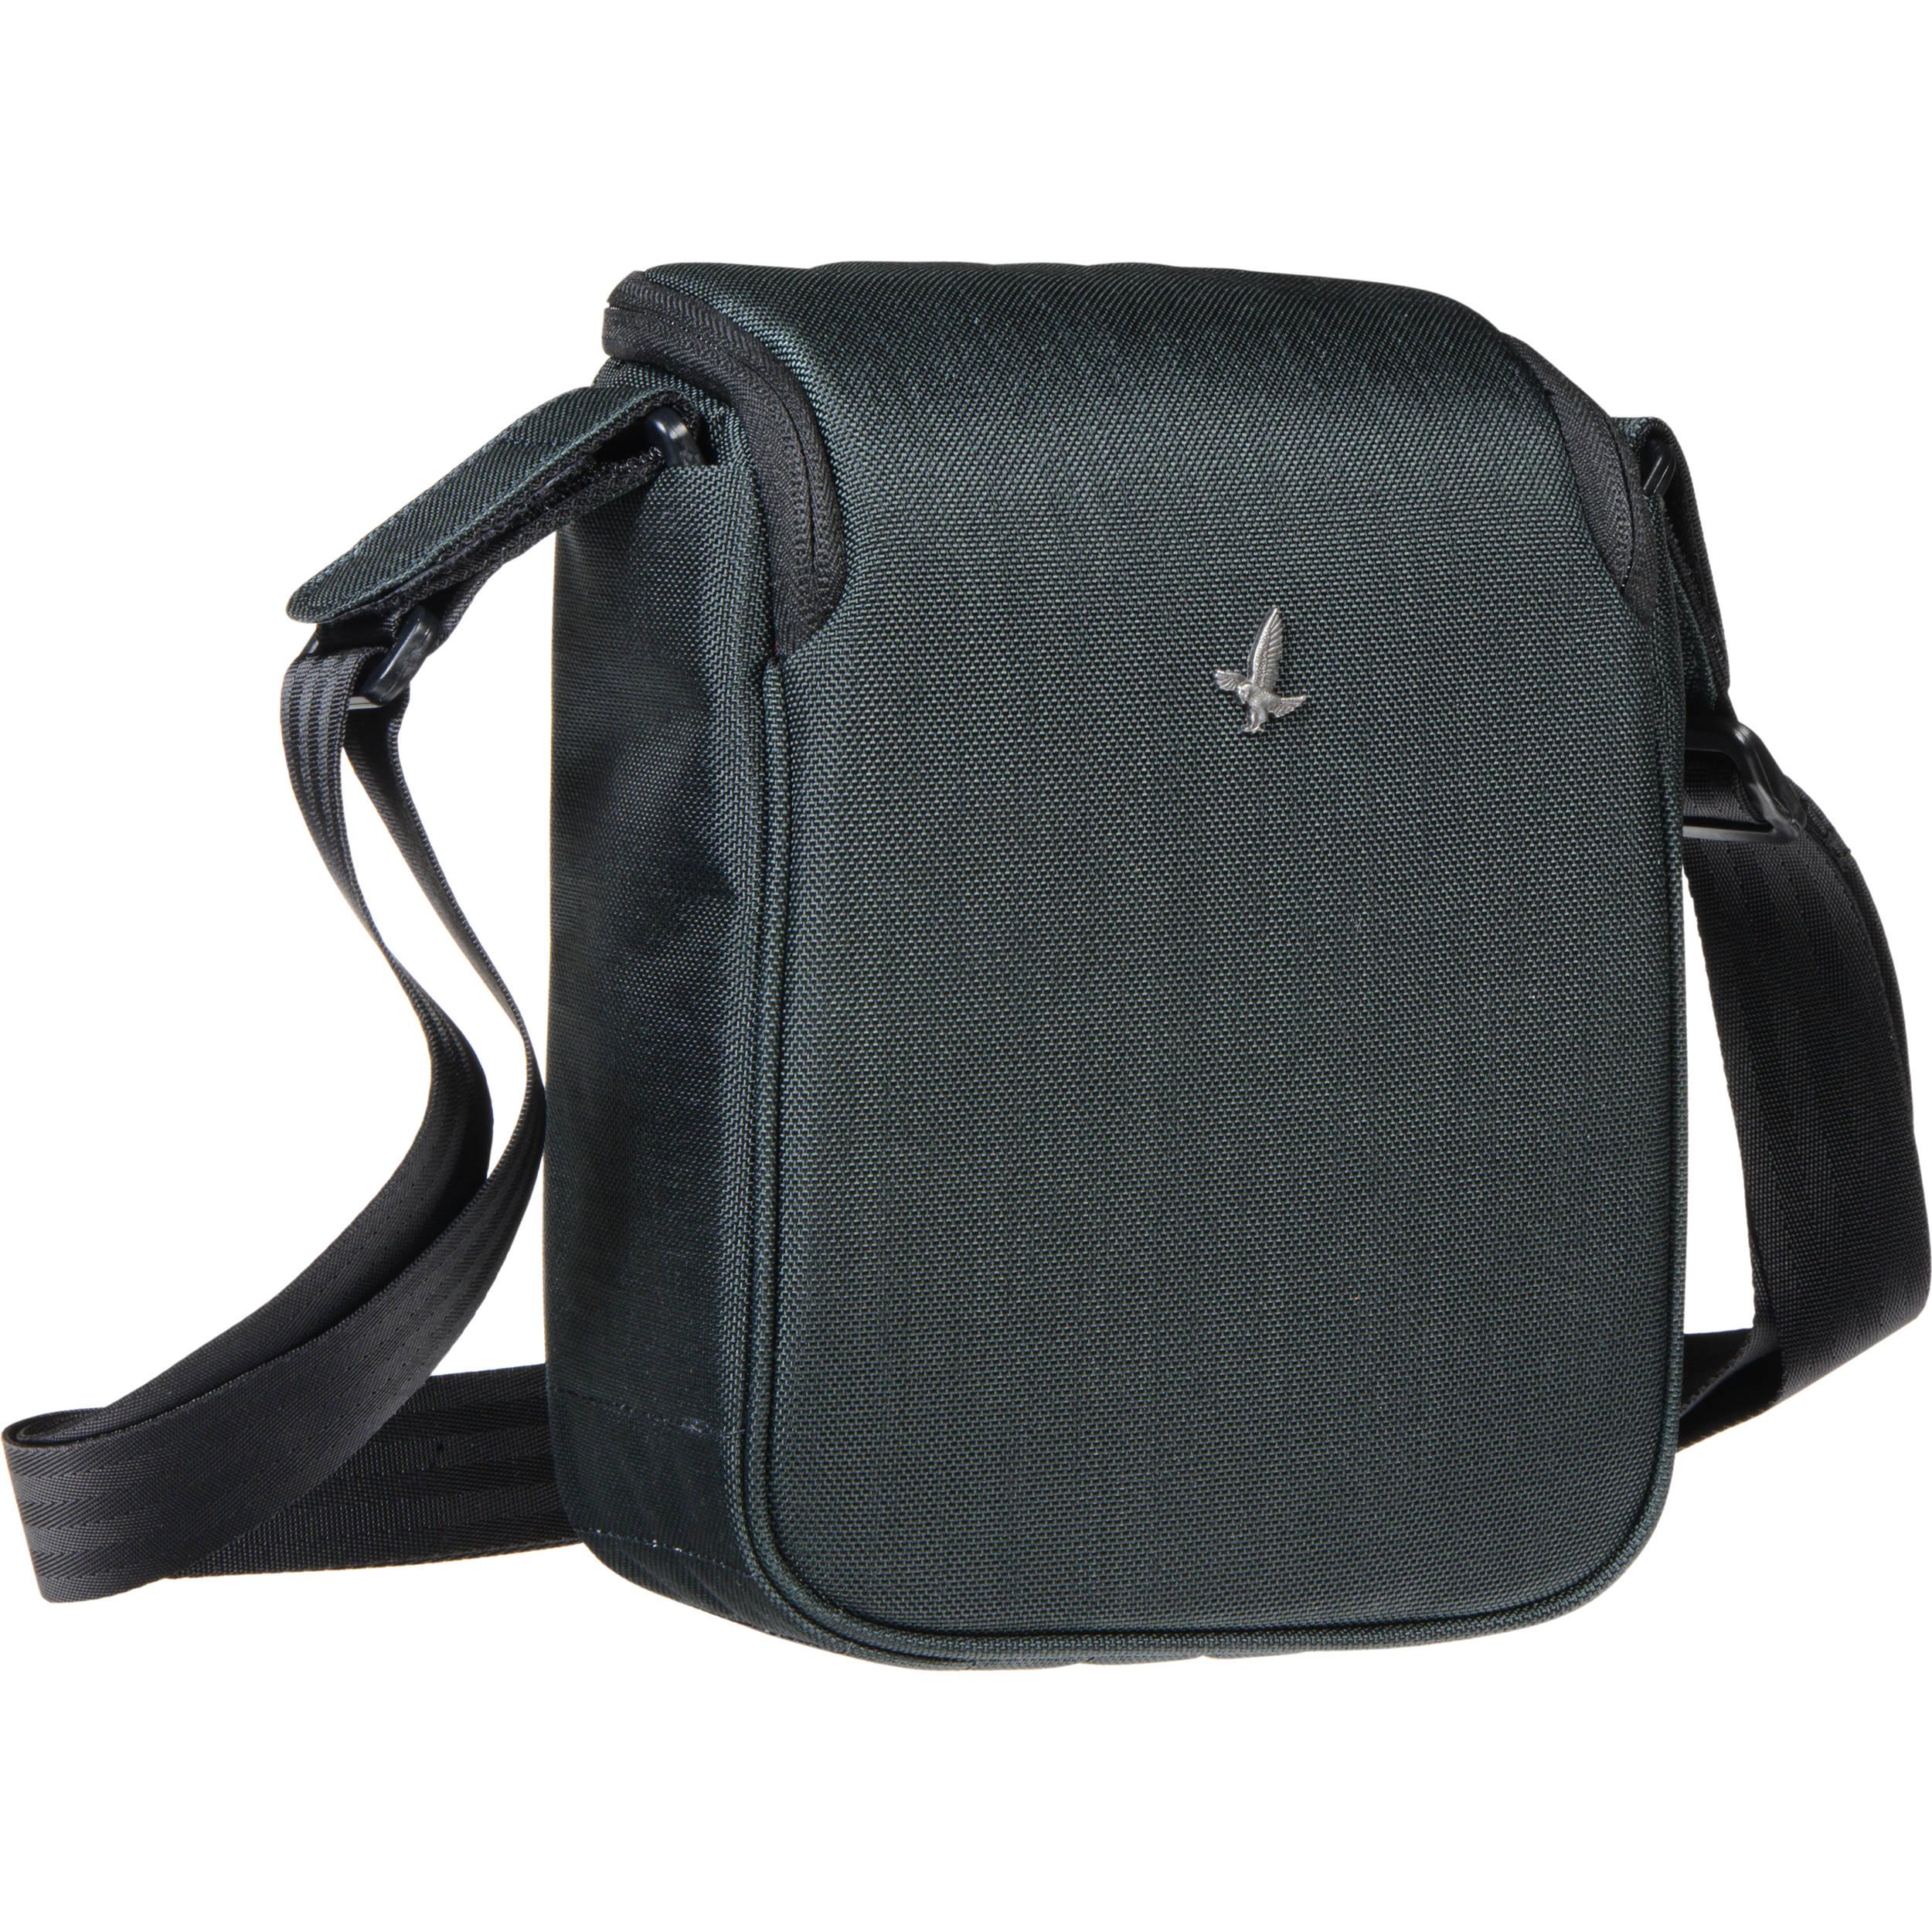 Swarovski Field Bag Large Pro For El Range Binocular Rangefinder